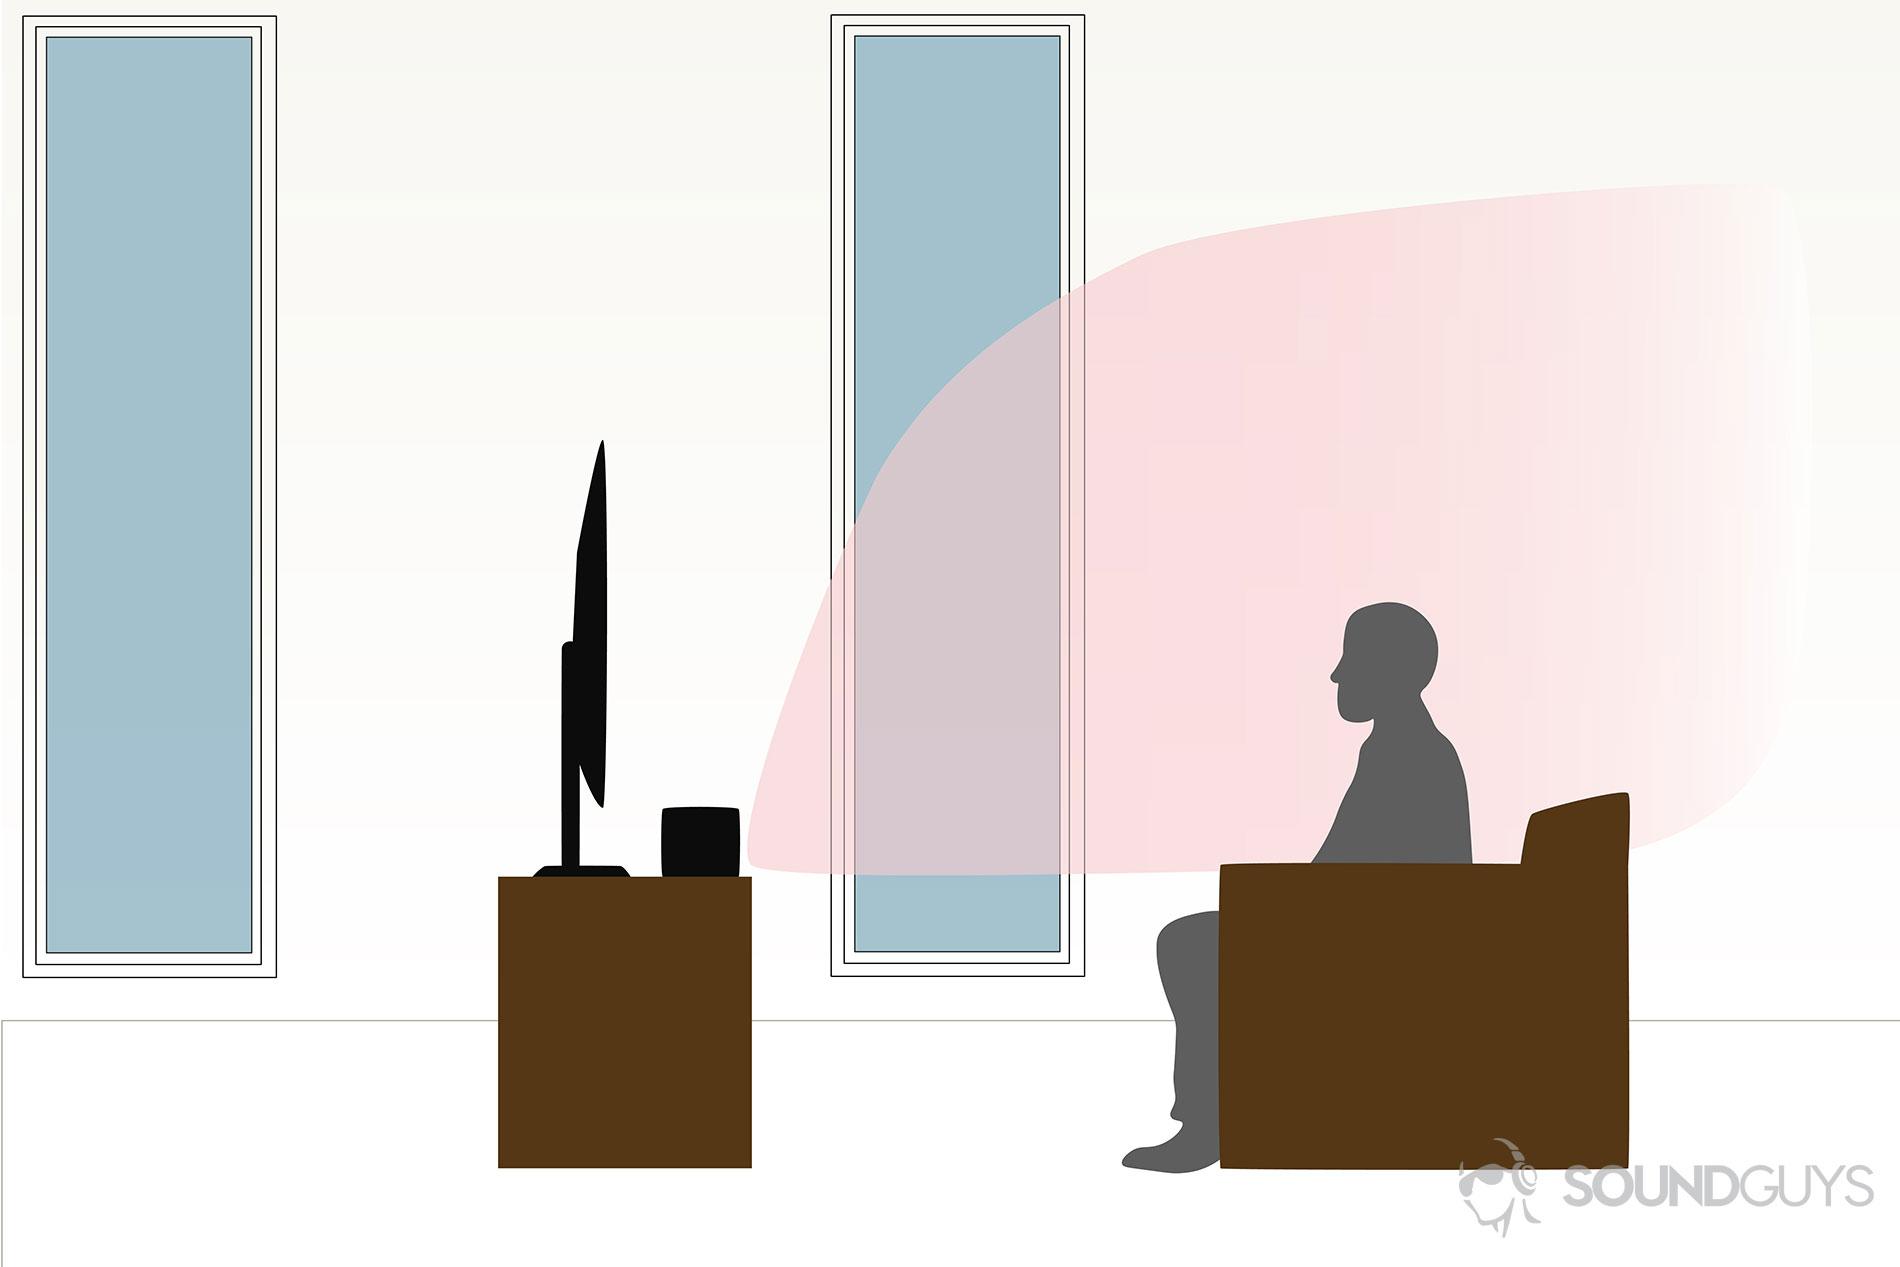 アトモス バー ドルビー サウンド ドルビーアトモス対応サウンドバーでテレビを高音質で楽しみたい